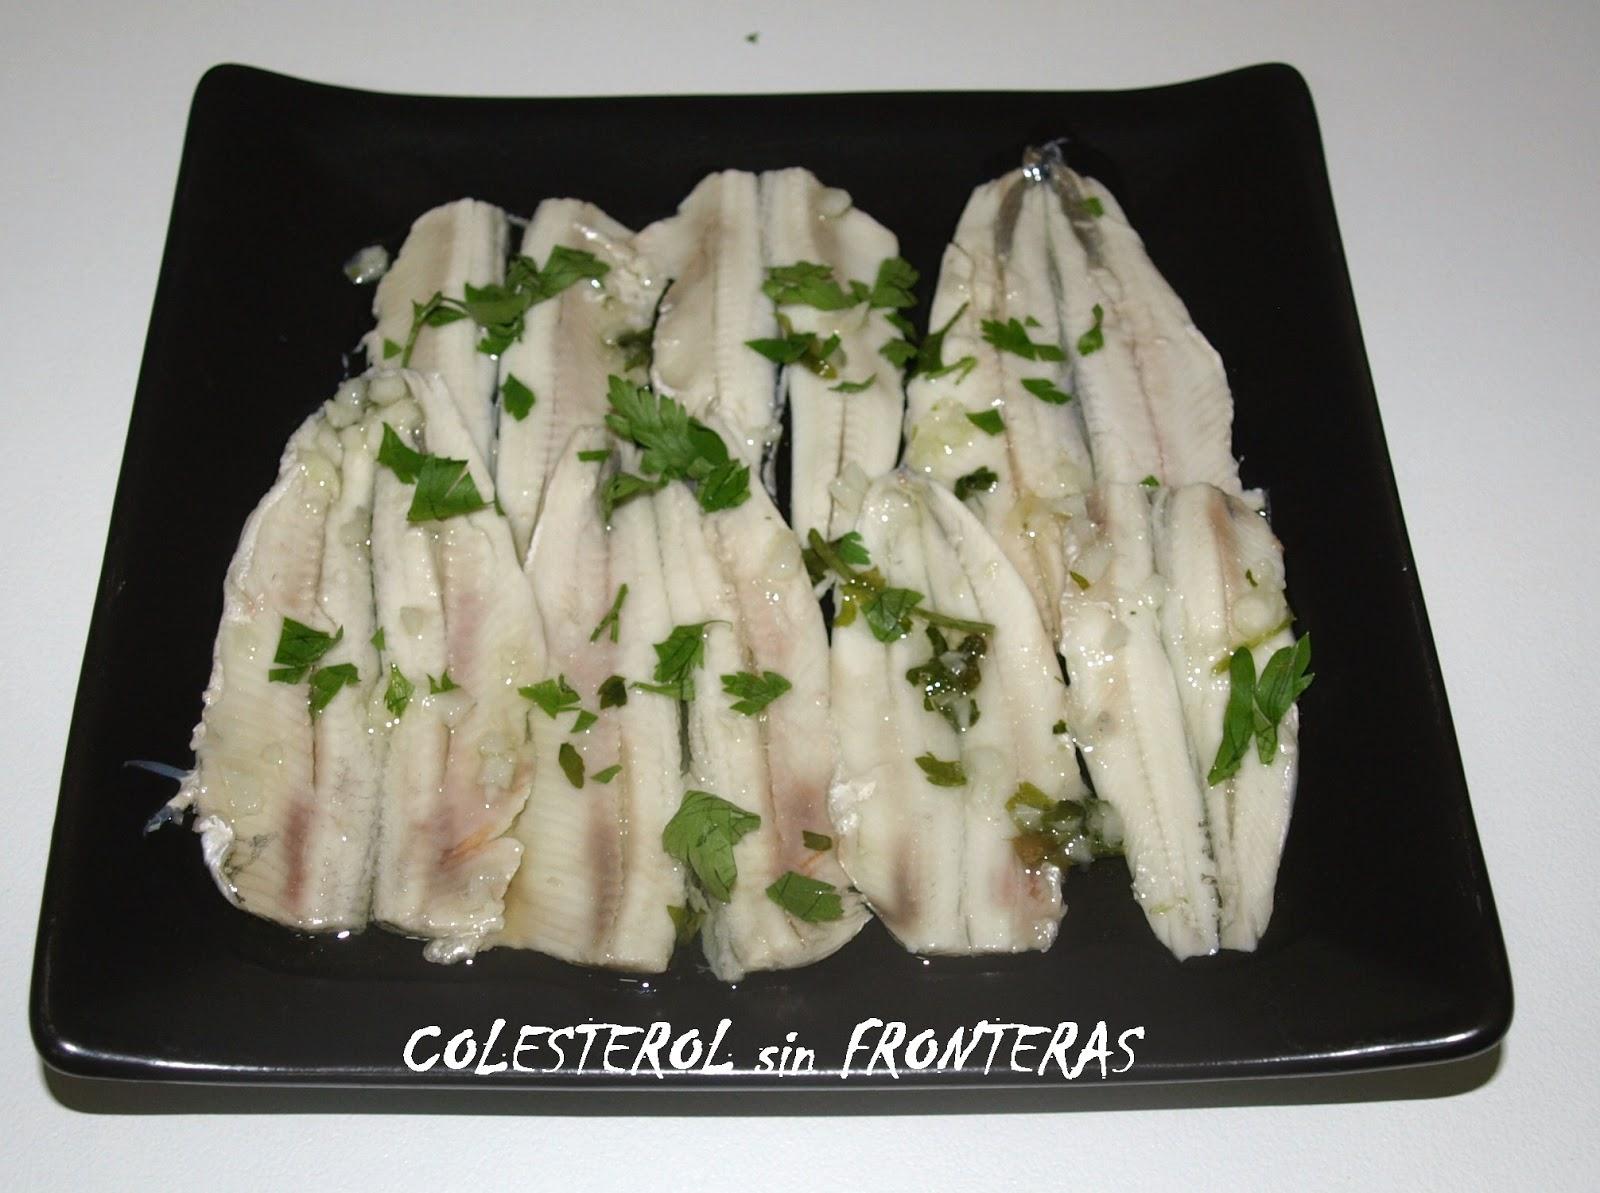 Colesterol sin fronteras boquerones en vinagre - Boquerones en vinagre duros ...